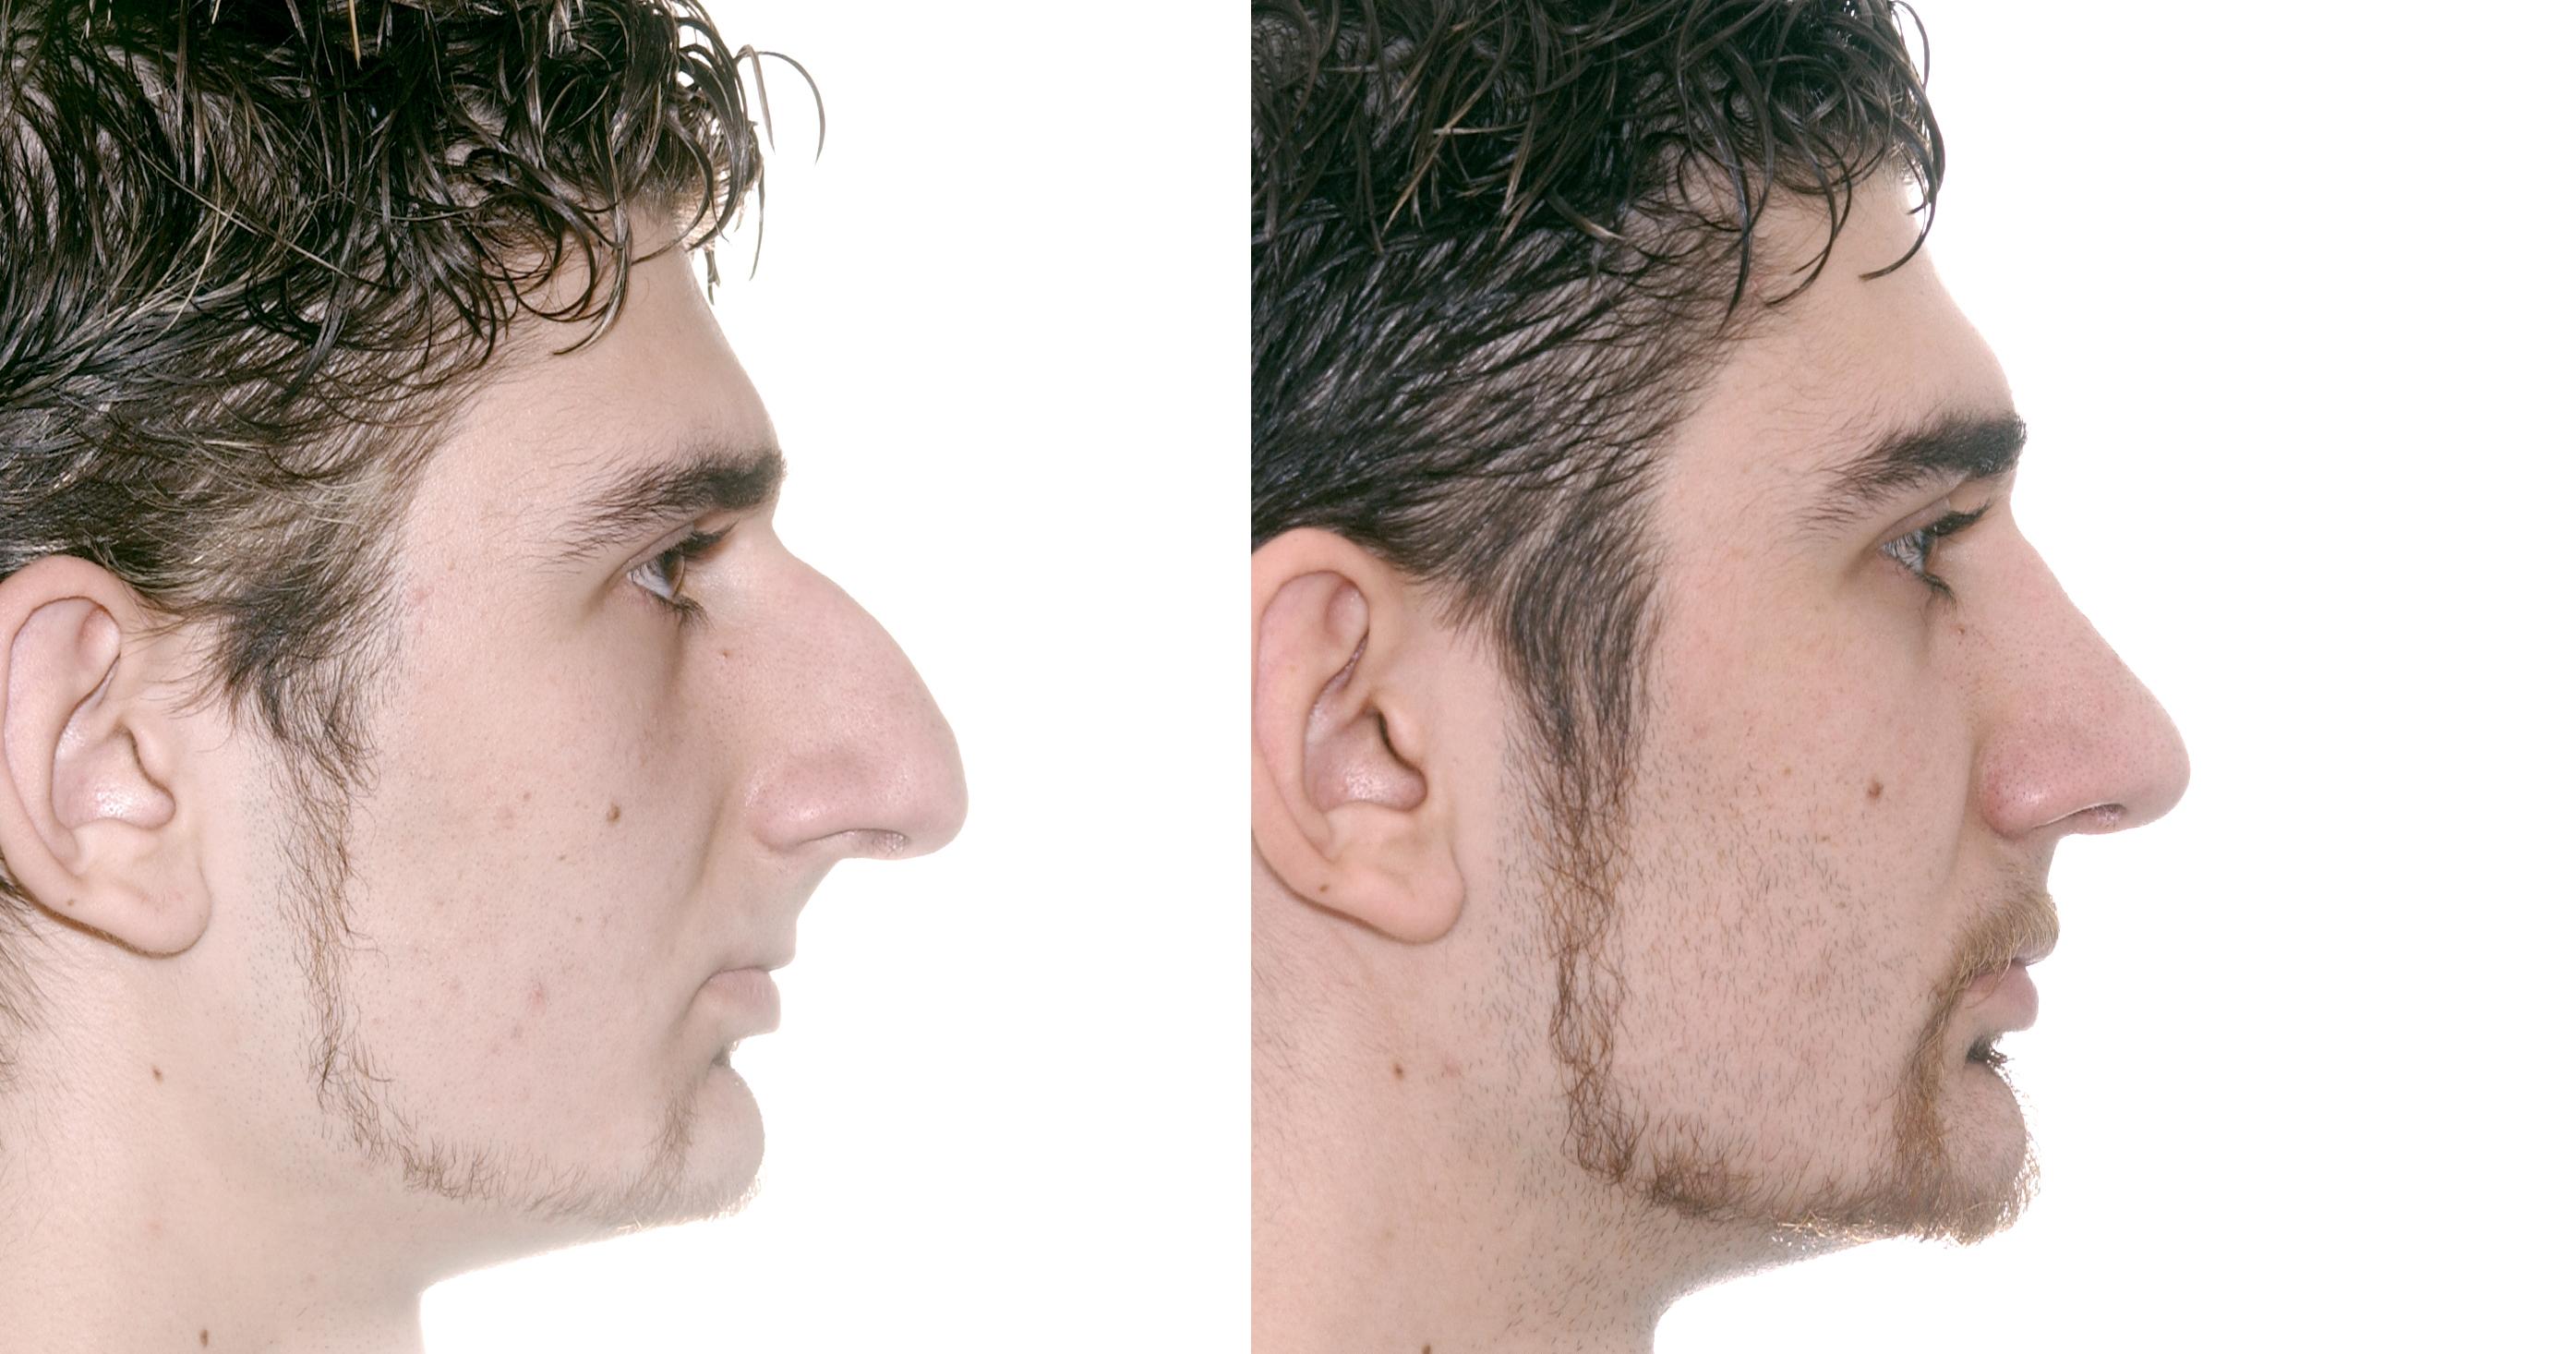 Nasengrösse - Stephan Bessler, Nasal Surgery Clinic, Zürich